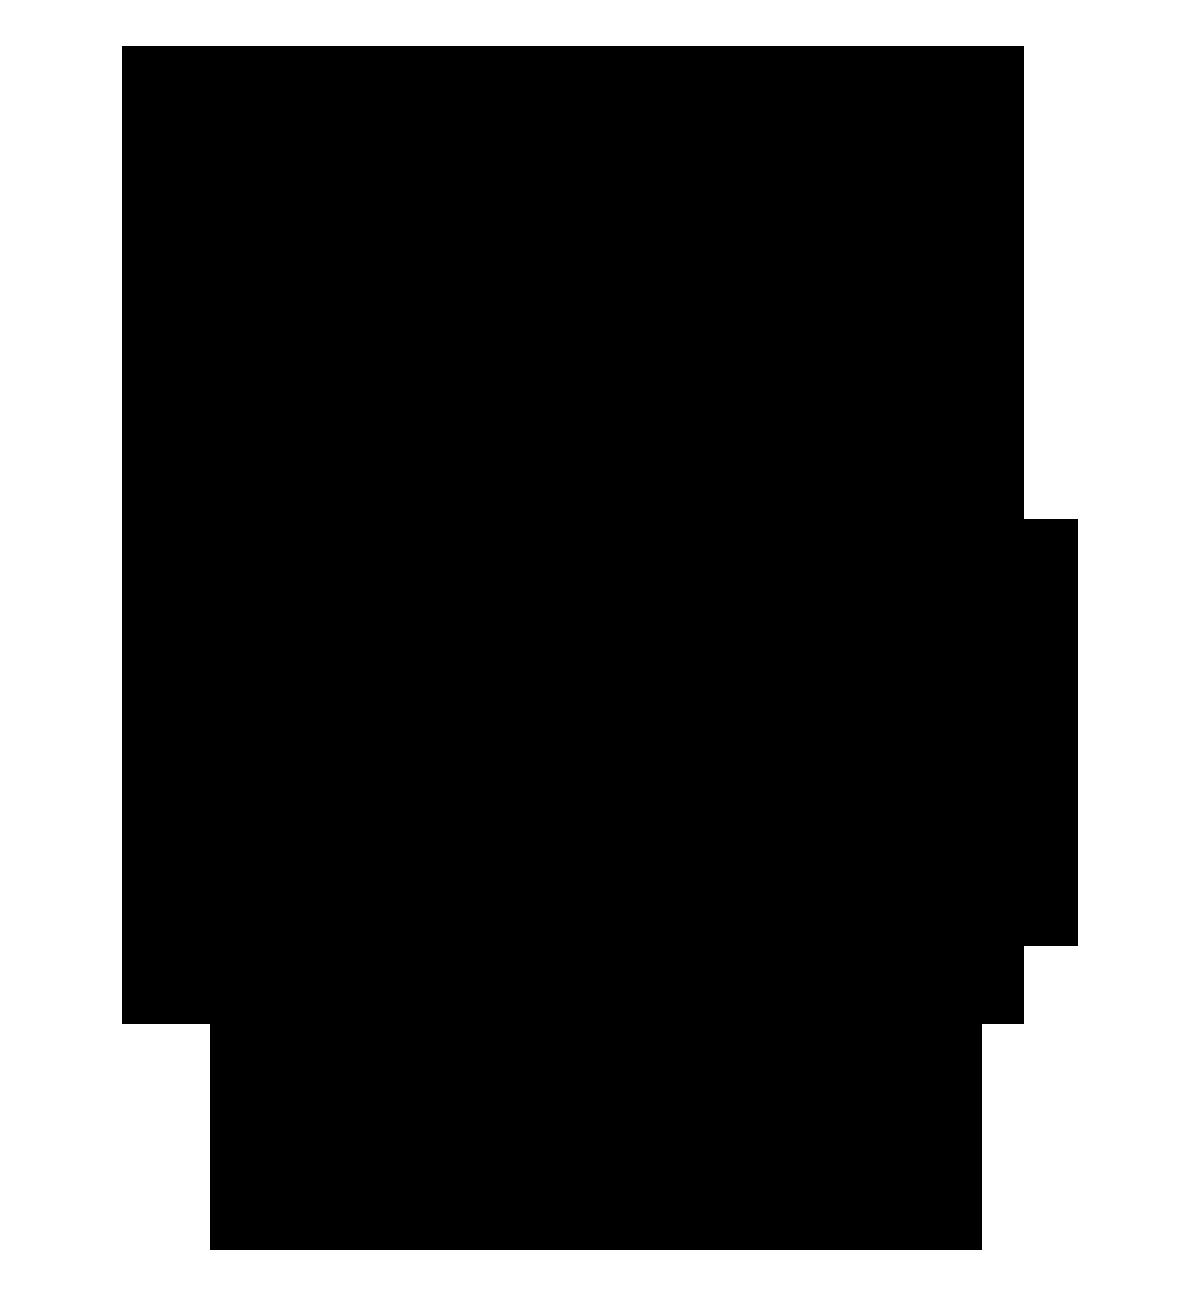 Atelier MP3, Tête de lion, mars 2021.